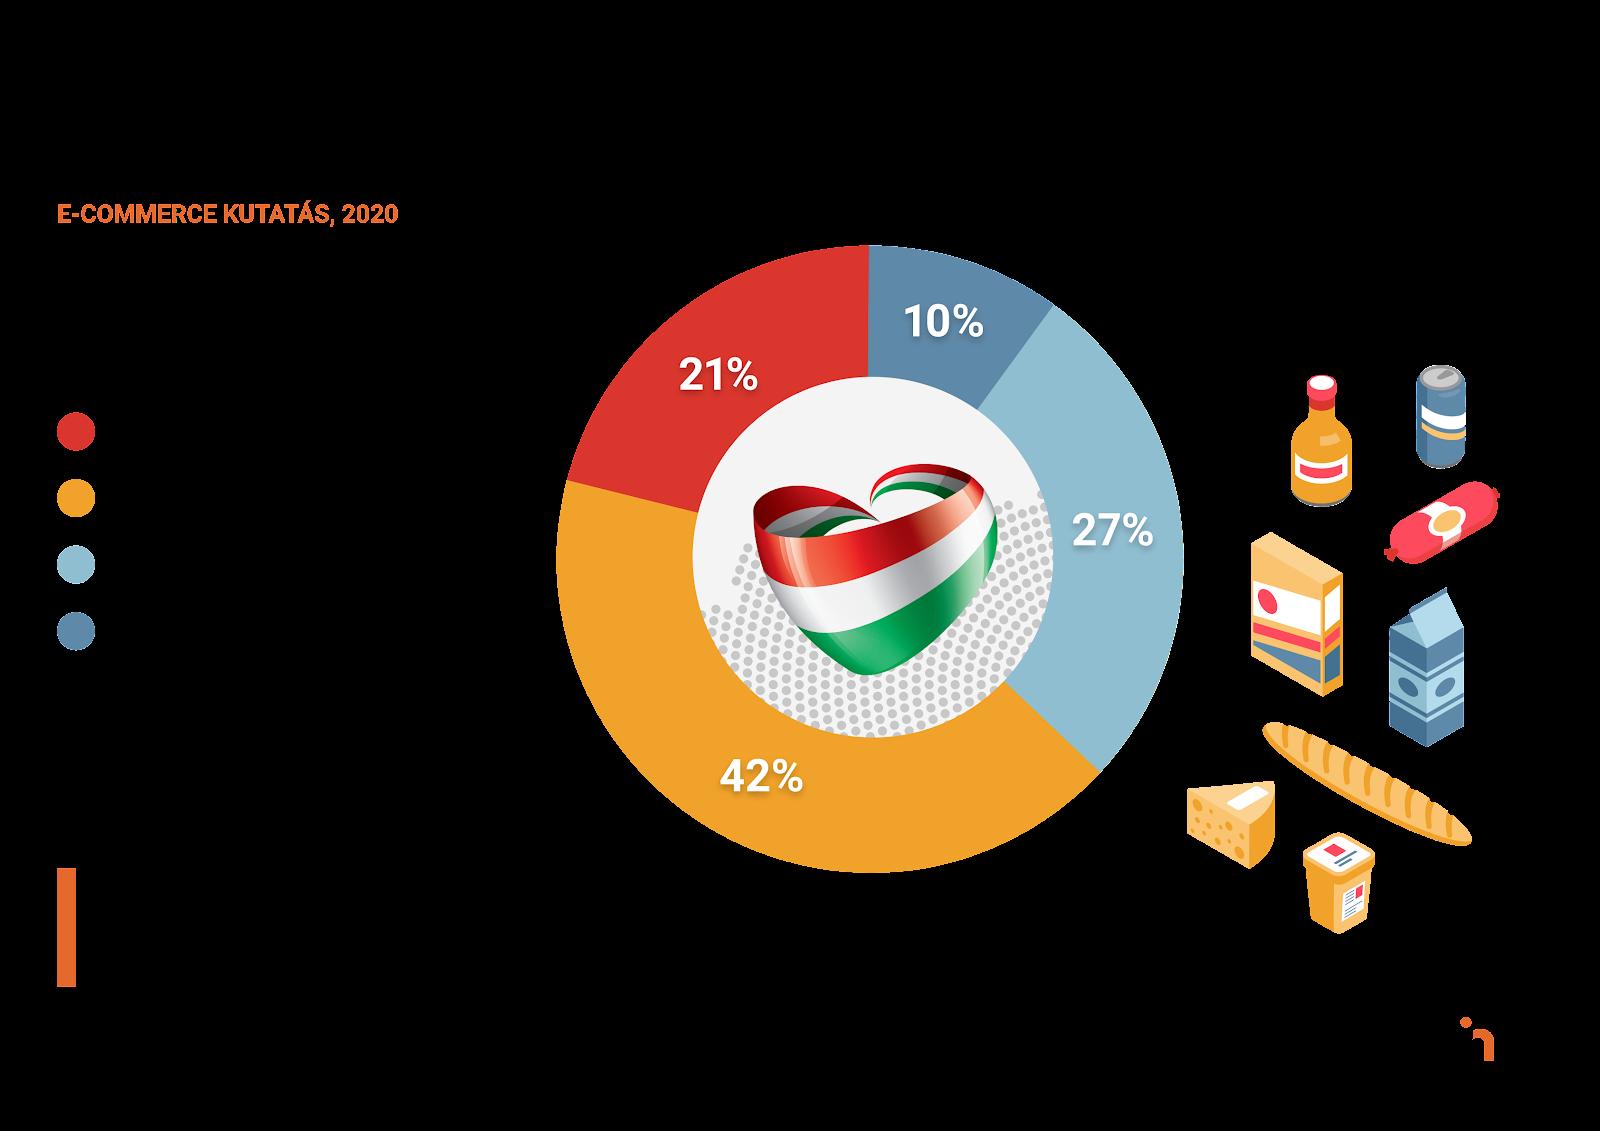 Az emberek kátharmadának fontosabbá vált, hogy magyar terméket rendeljen - e-commerce kutatás eredményei